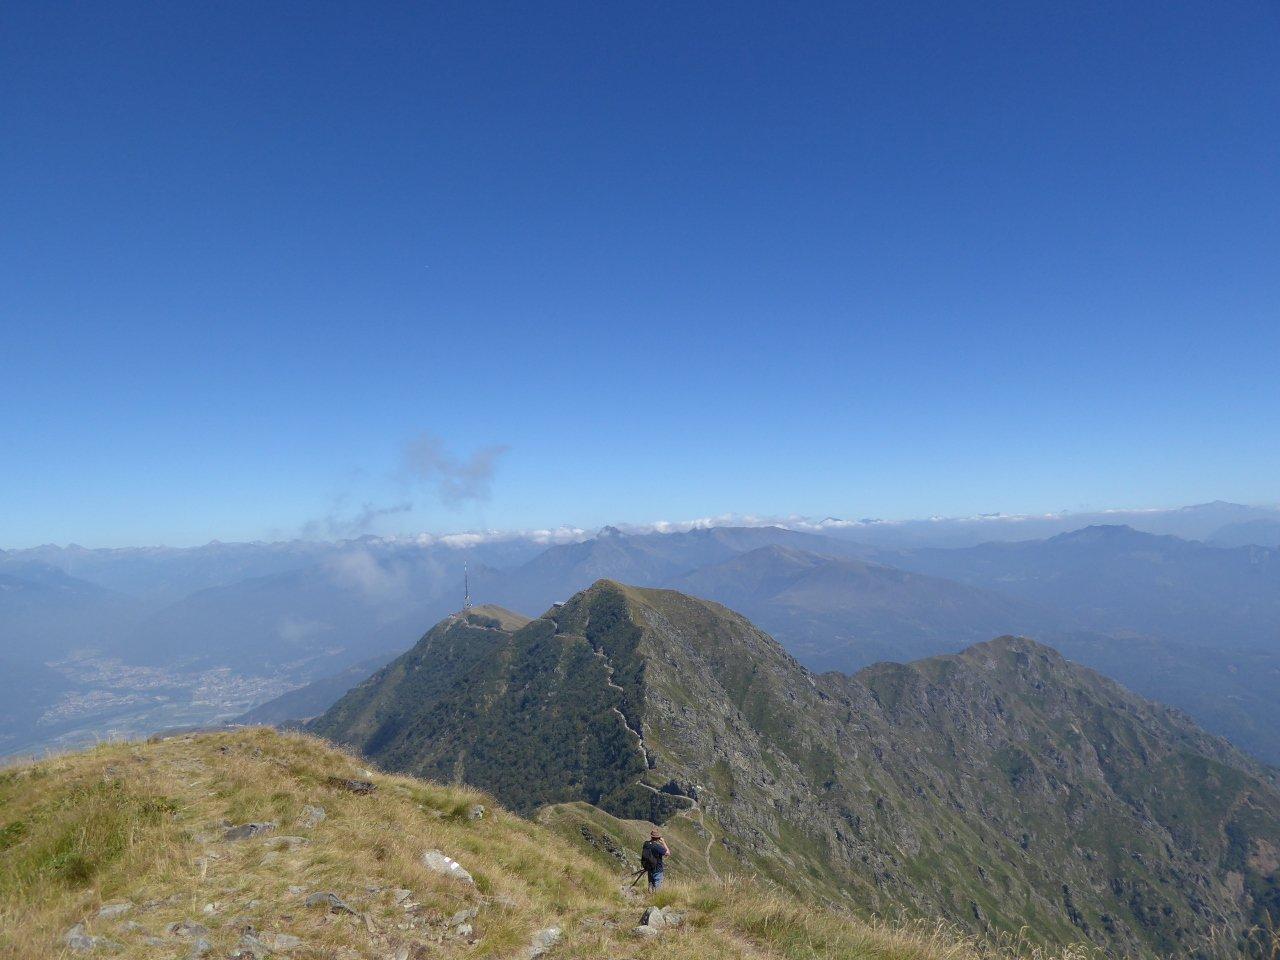 percorso dal monte Tamaro al rifugio monte Tamaro